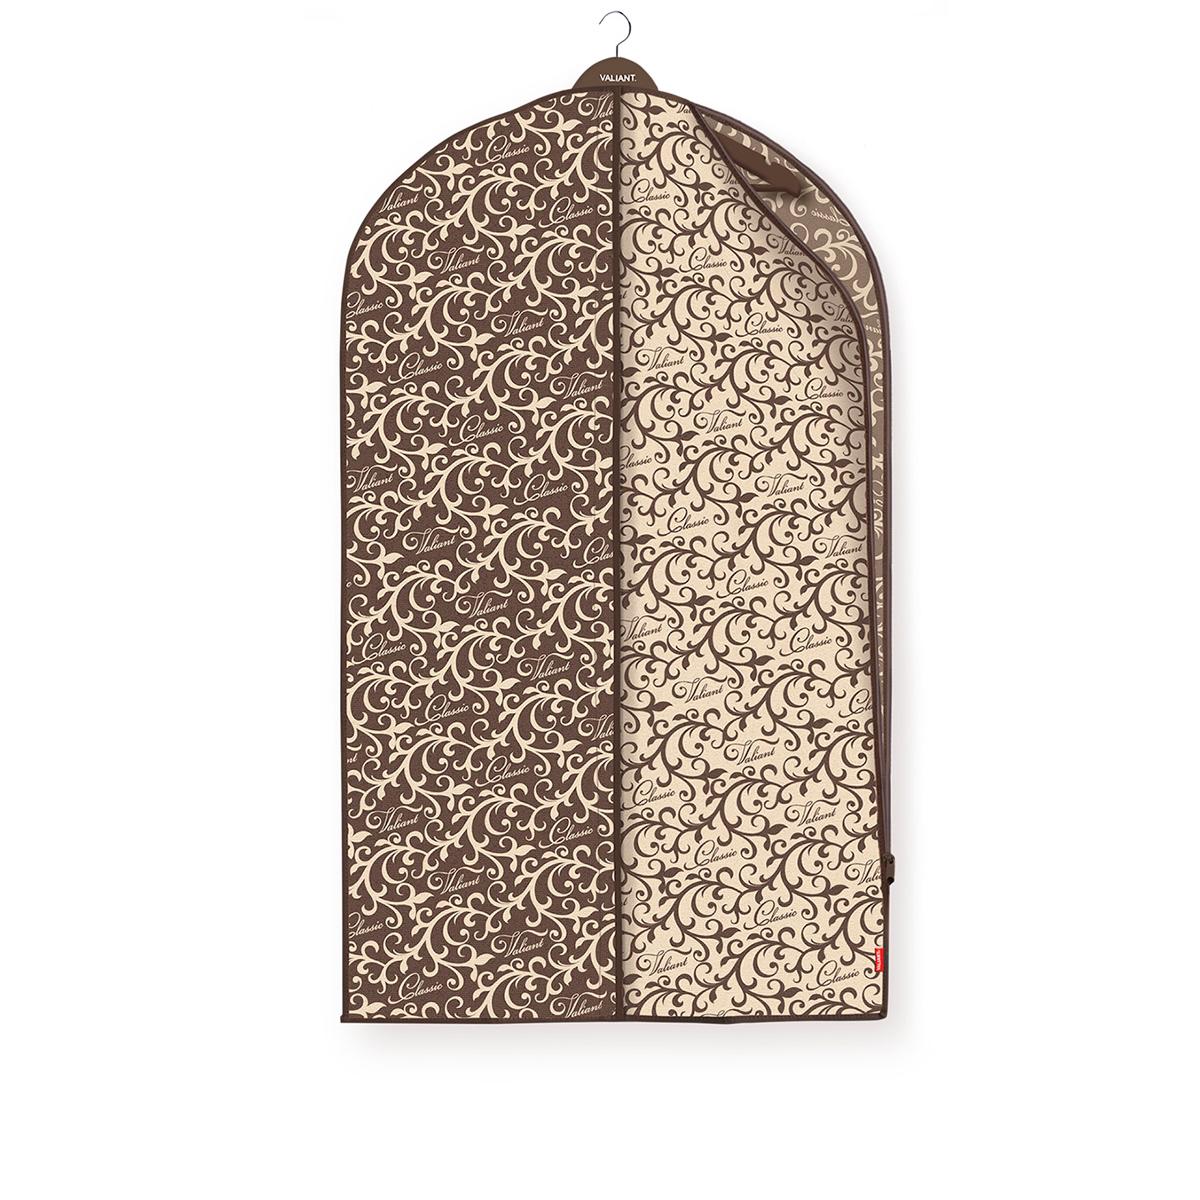 Чехол для одежды Valiant Classic, 60 х 100 смCL-CZ-100Чехол для одежды Valiant Classic изготовлен из высококачественного нетканого материала, который обеспечивает естественную вентиляцию, позволяя воздуху проникать внутрь, но не пропуская пыль. Чехол очень удобен в использовании. Чехол легко открывается и закрывается застежкой-молнией. Идеально подойдет для транспортировки и хранения одежды. Системы хранения в едином дизайне сделают вашу гардеробную красивой и невероятно стильной.